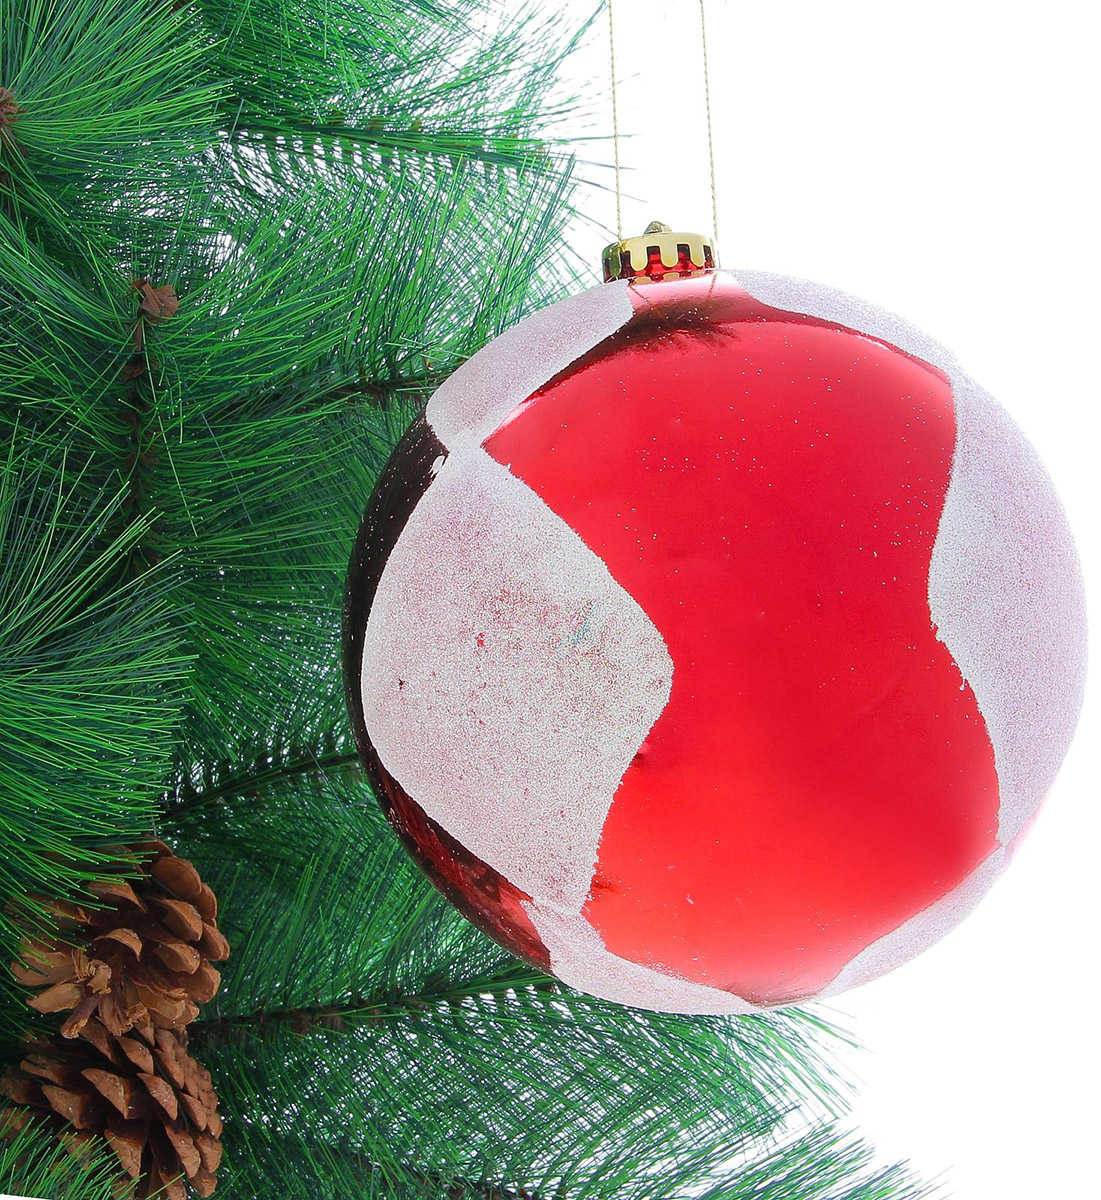 Новогоднее подвесное украшение Sima-land Ромбы, диаметр 14 см новогоднее подвесное украшение sima land зимний узор диаметр 8 см